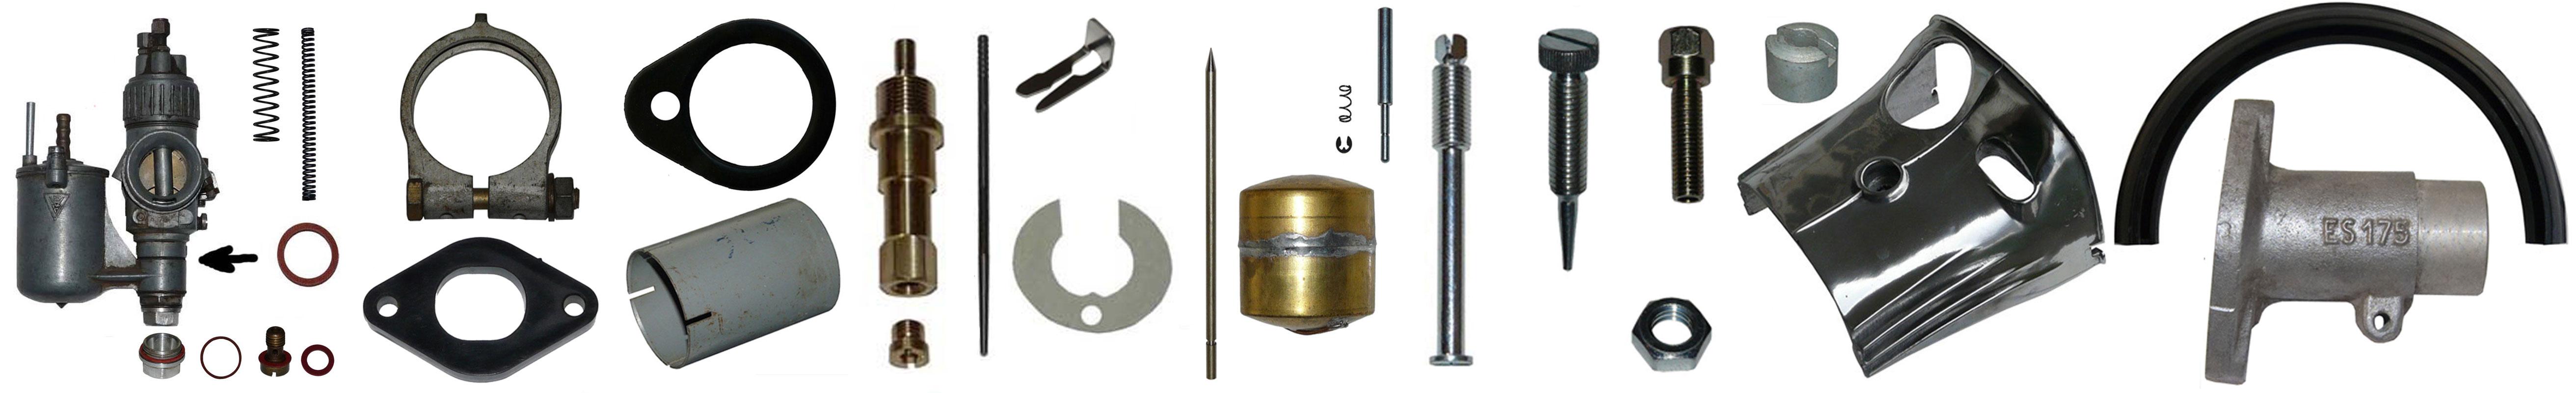 MZ ES 175-0 250-0 Ersatzteile Vergaser Flachschieber